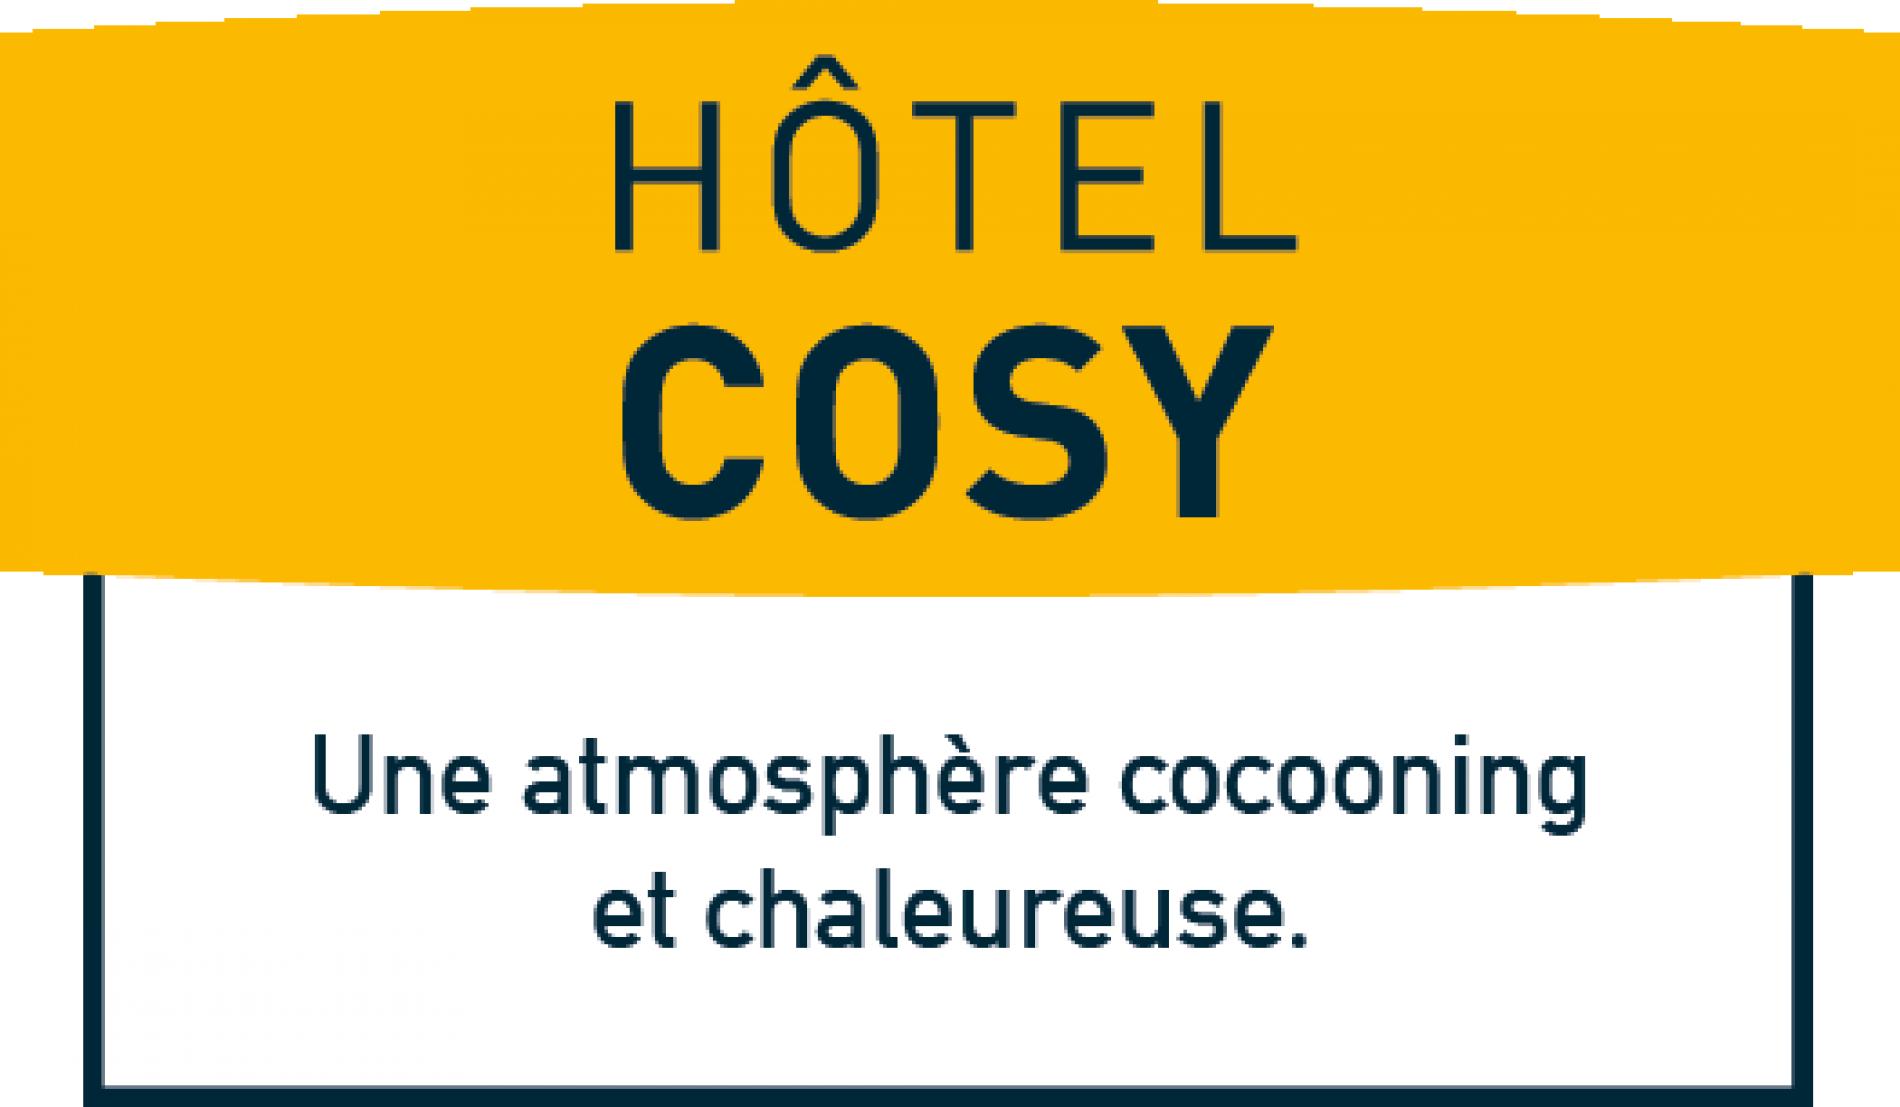 Logo Logis hôtel cosy, Les Pierres Dorées - Beaujolais